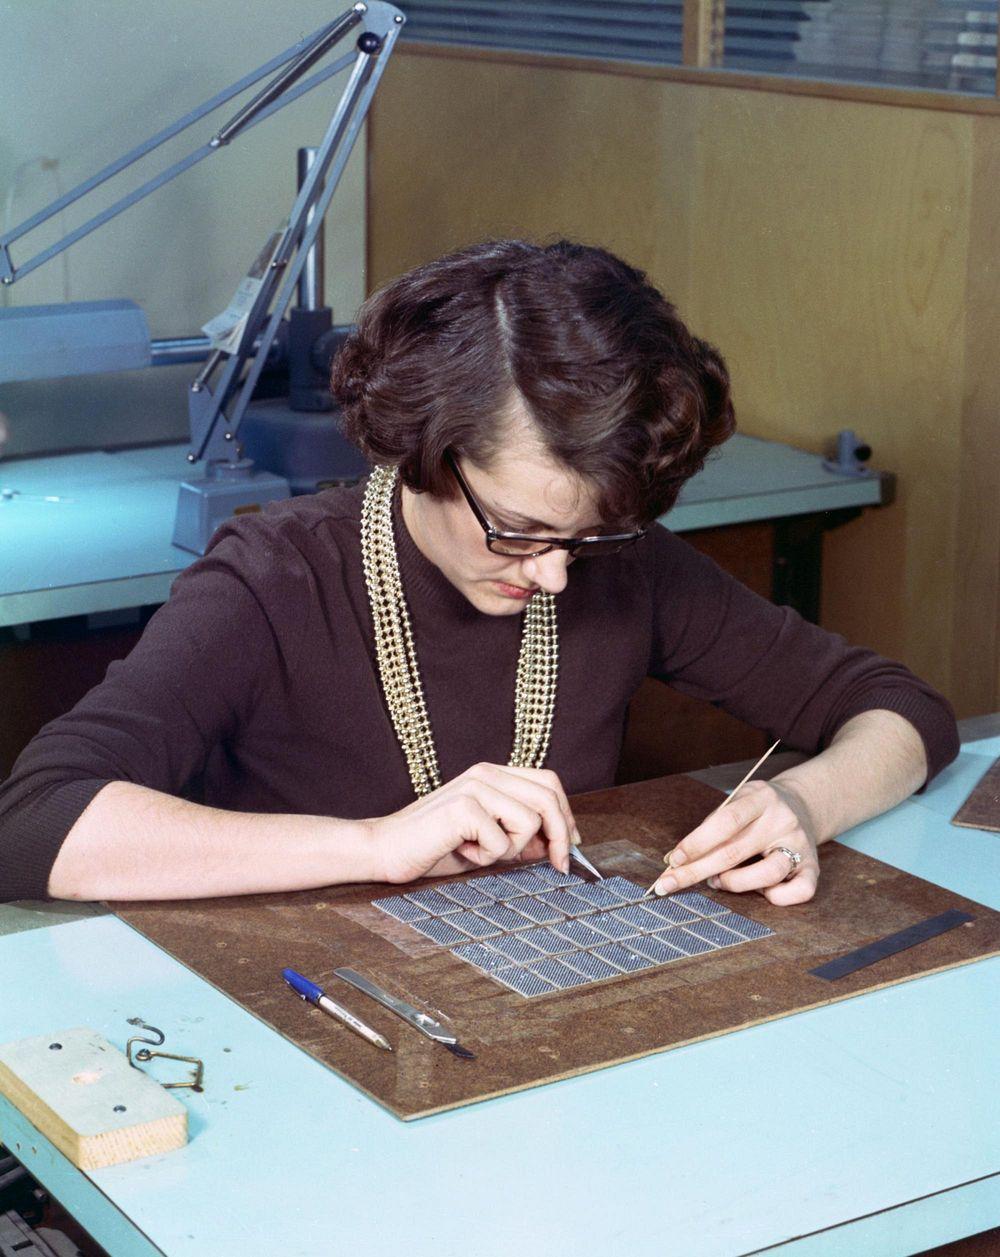 Một phụ nữ đang xâu các bộ phận của bộ nhớ trên máy tính Apollo Guidance Computer. Ảnh: Wikimedia Commons.